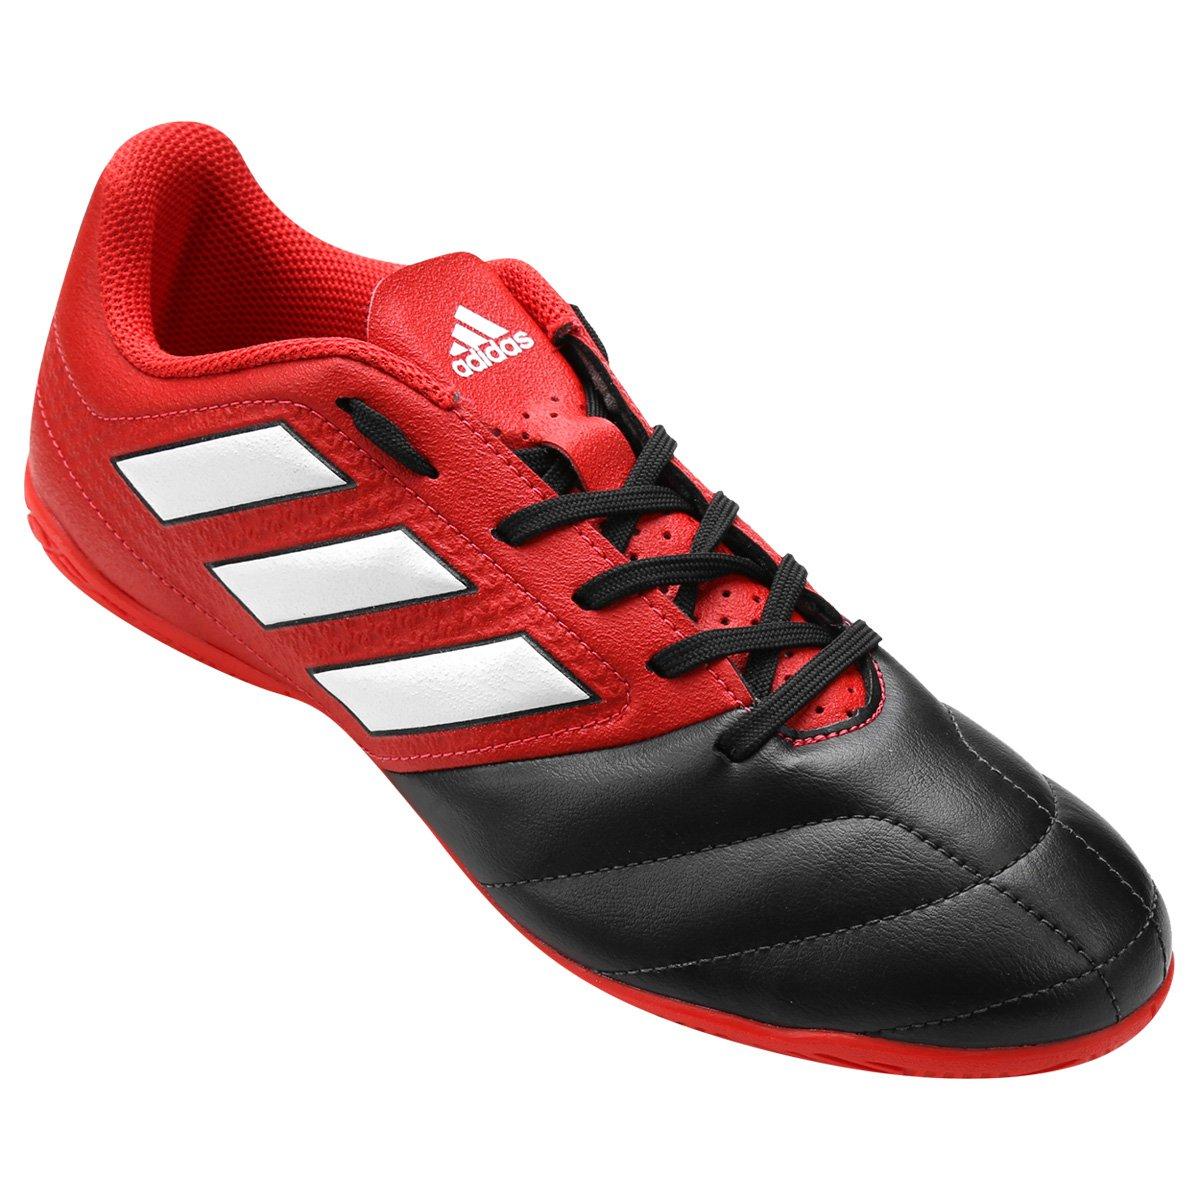 c66f259493 Chuteira Futsal Adidas Ace 17.4 IN - Vermelho e Preto - Compre Agora ...